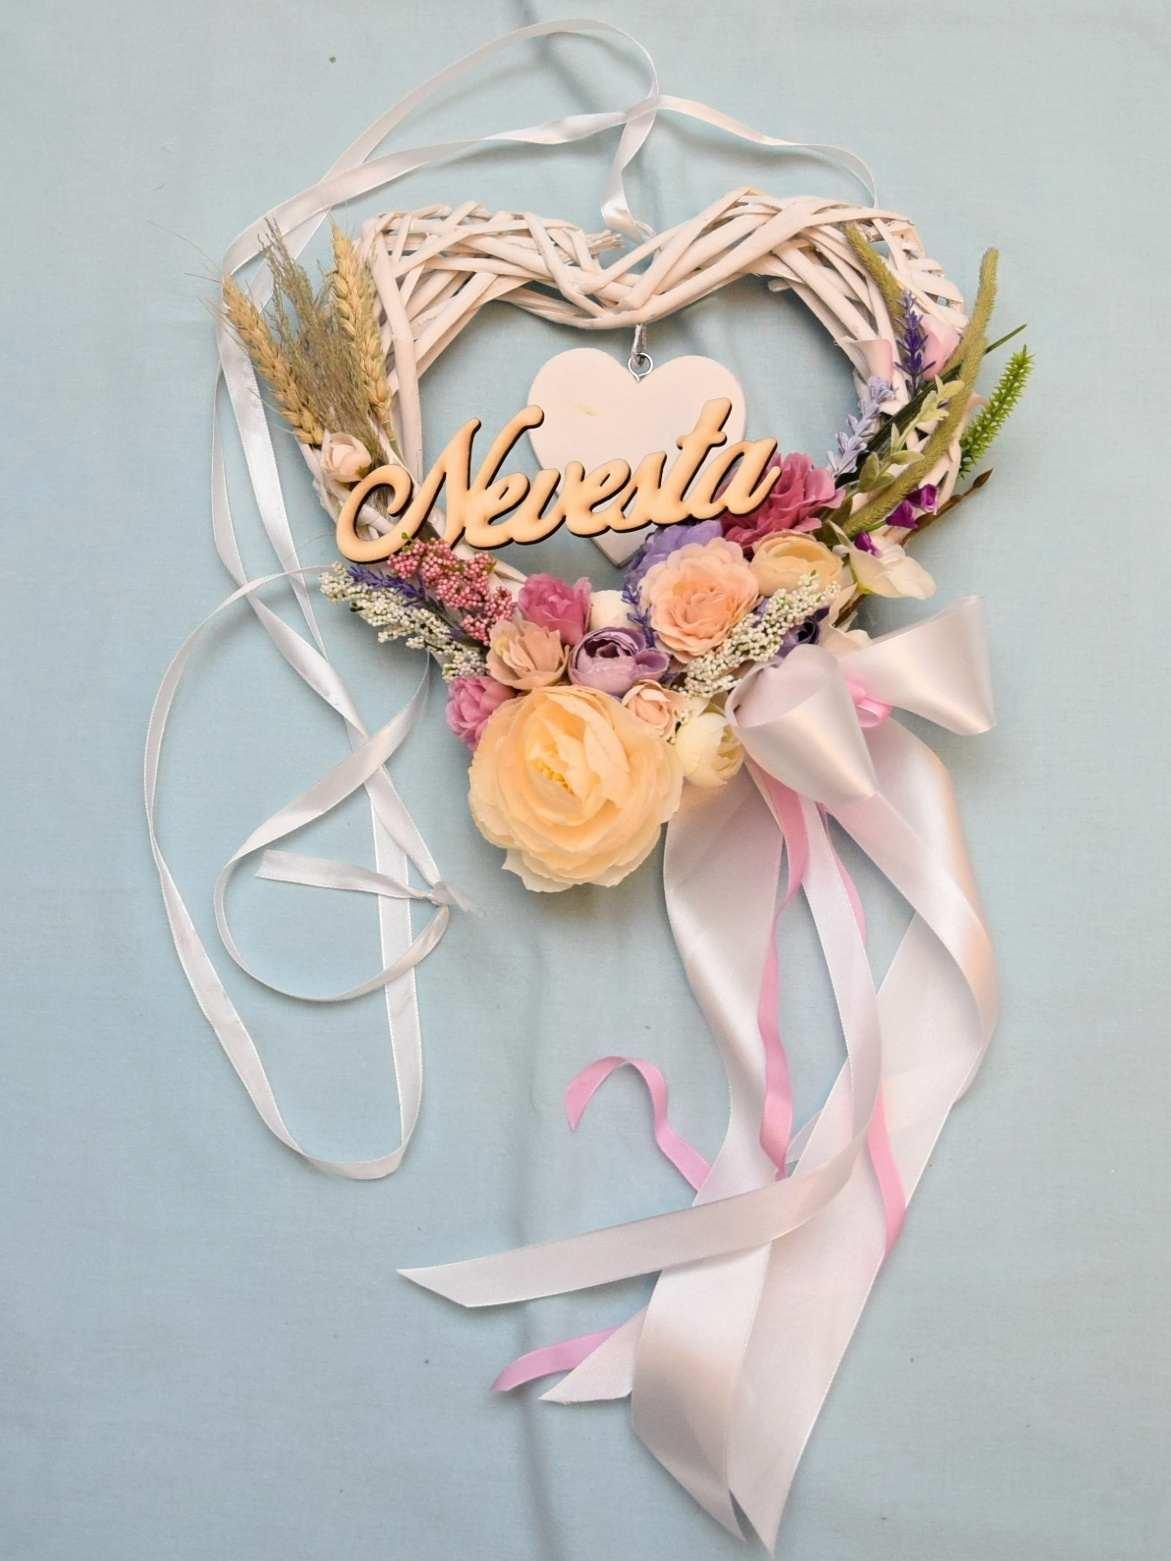 Svadobné oblečenie, ozdoby a dekorácie - Obrázok č. 4